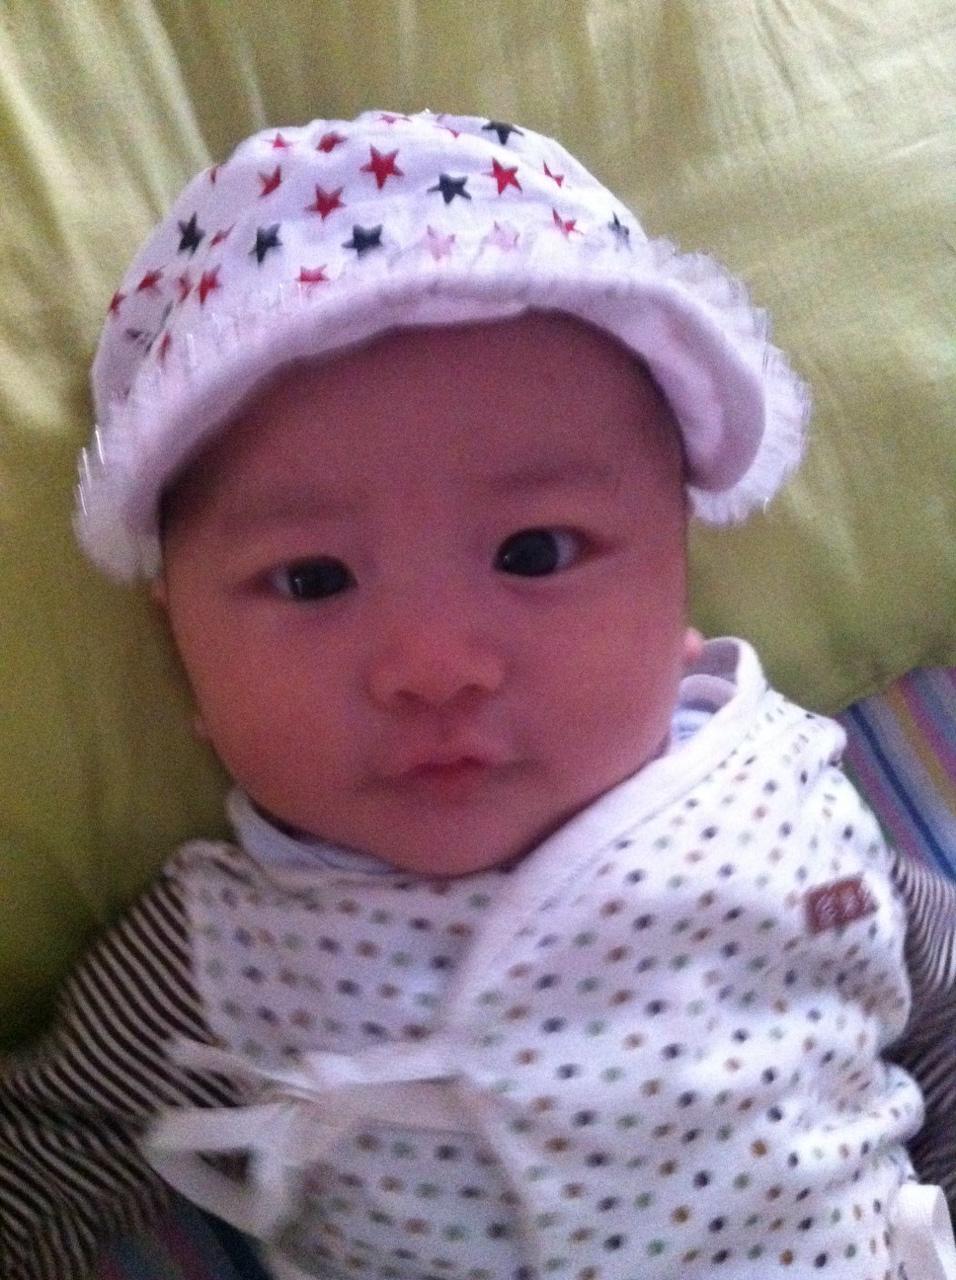 【家有萌宝】第5期 大眼睛宝宝—杜品文